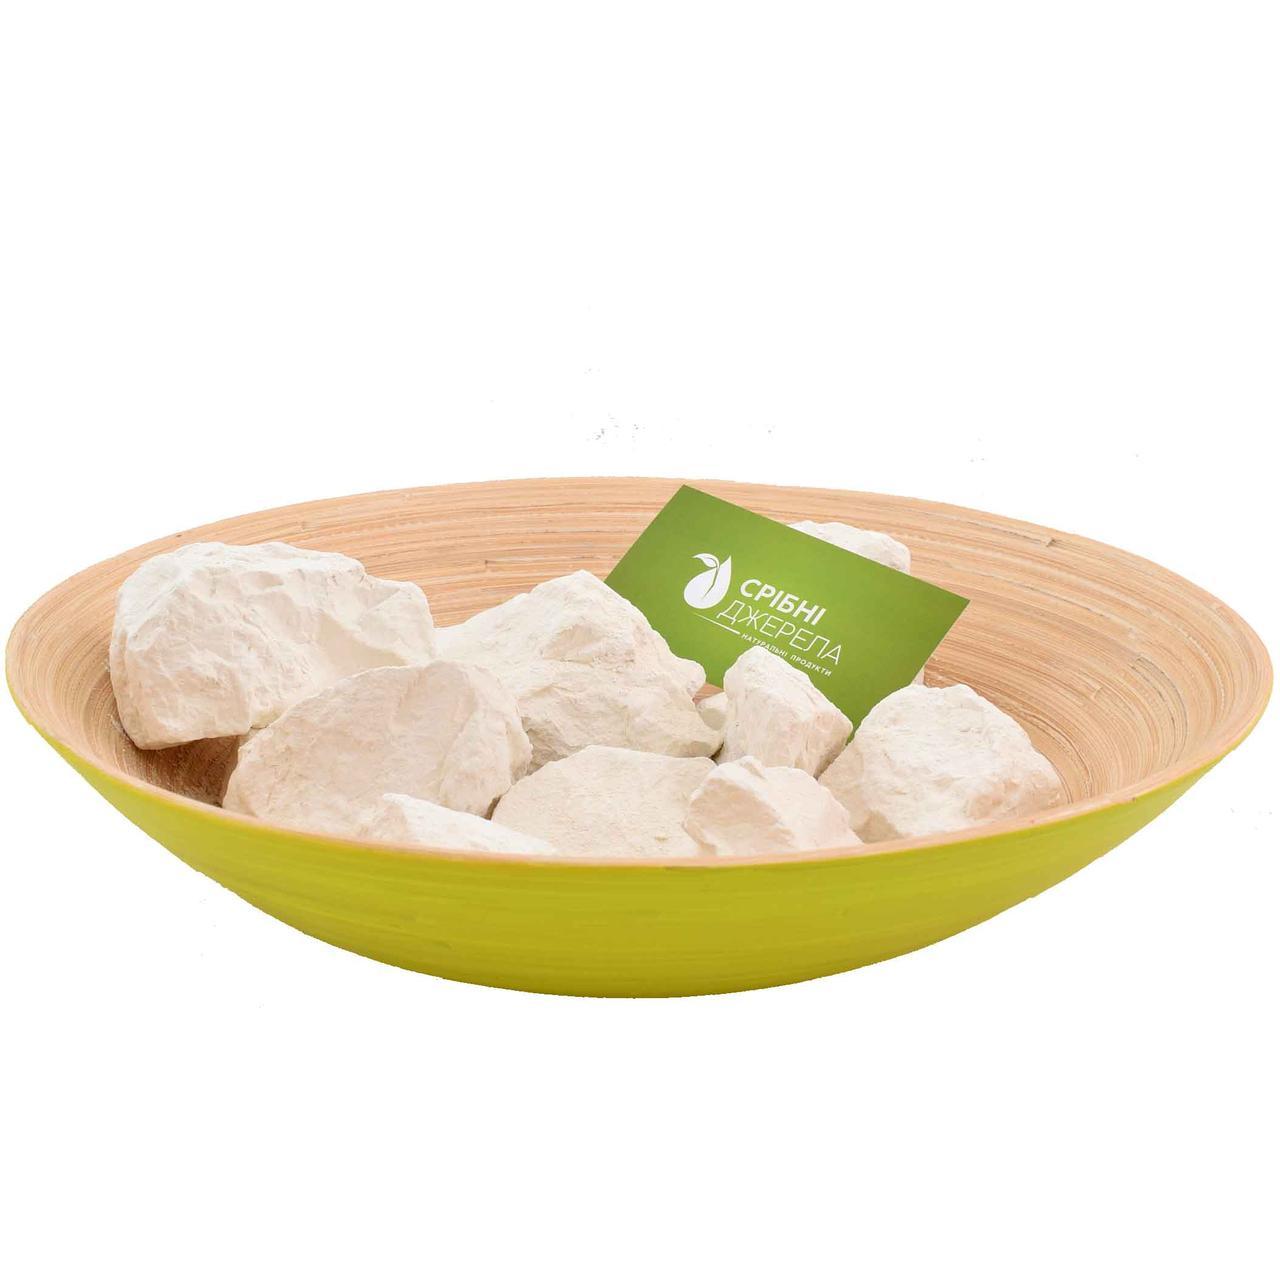 Харчова кускова Біла глина (100% натуральна), без домішок, 1000 г